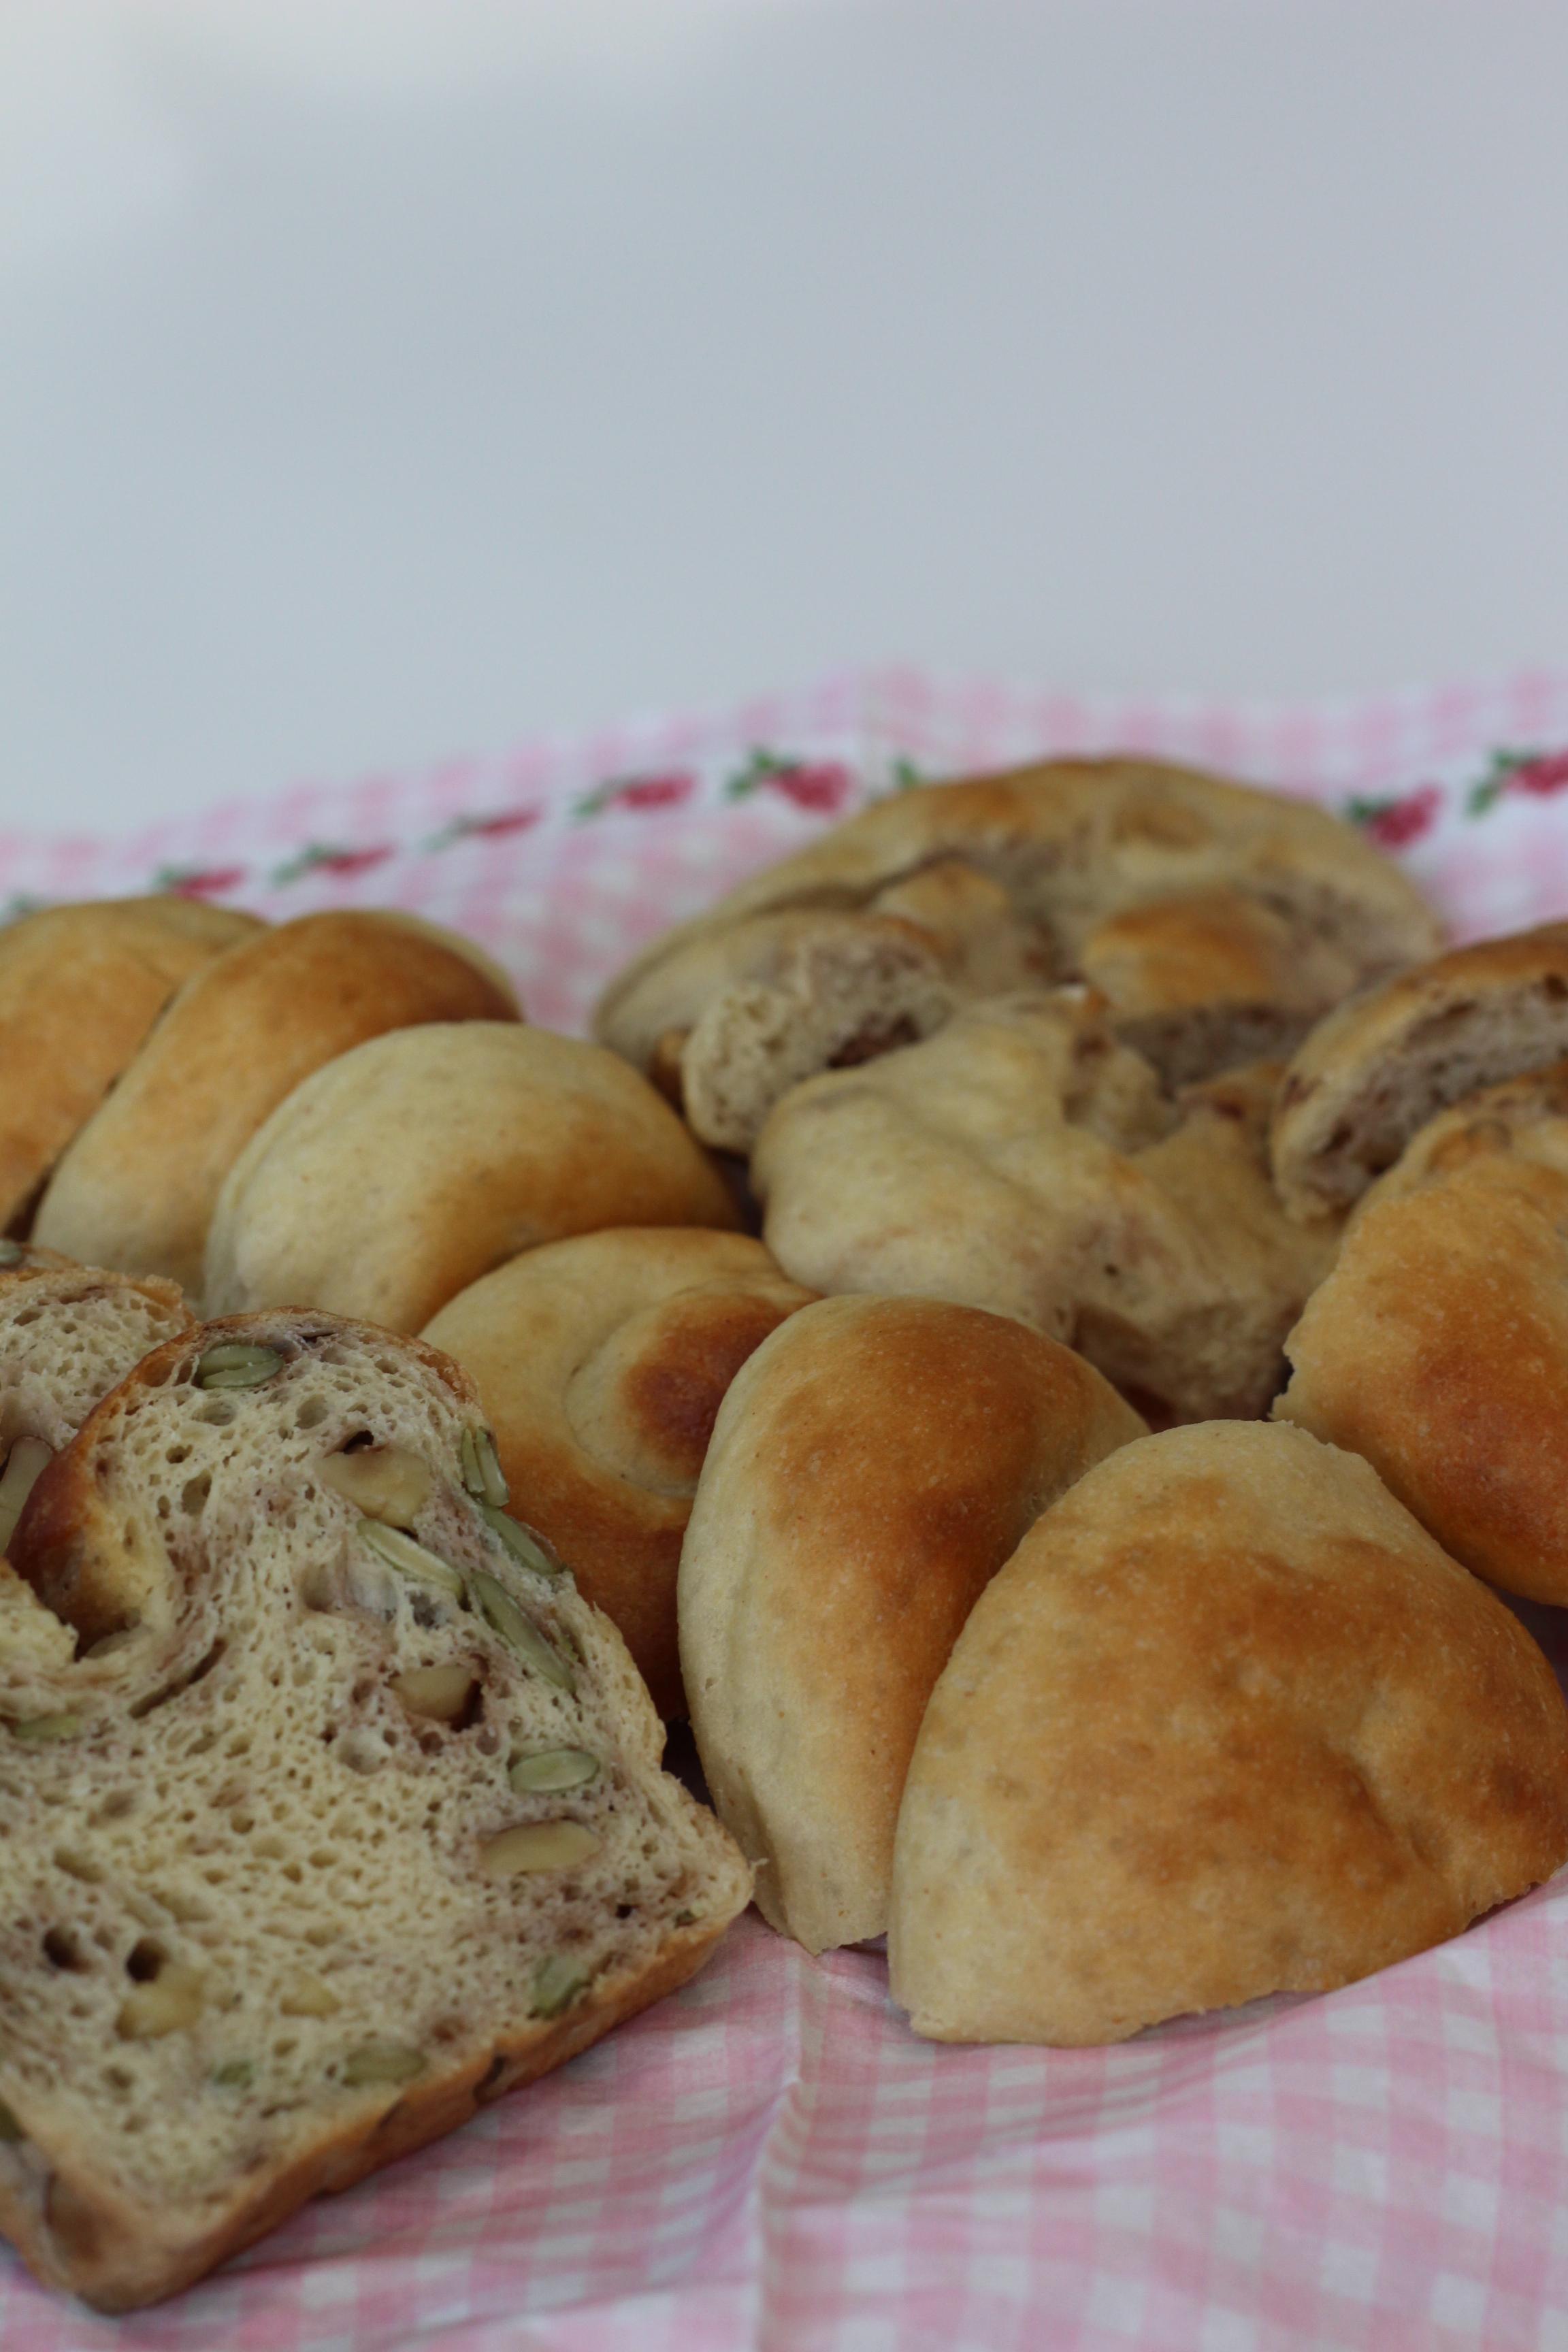 京都江部粉糖質制限パン講習